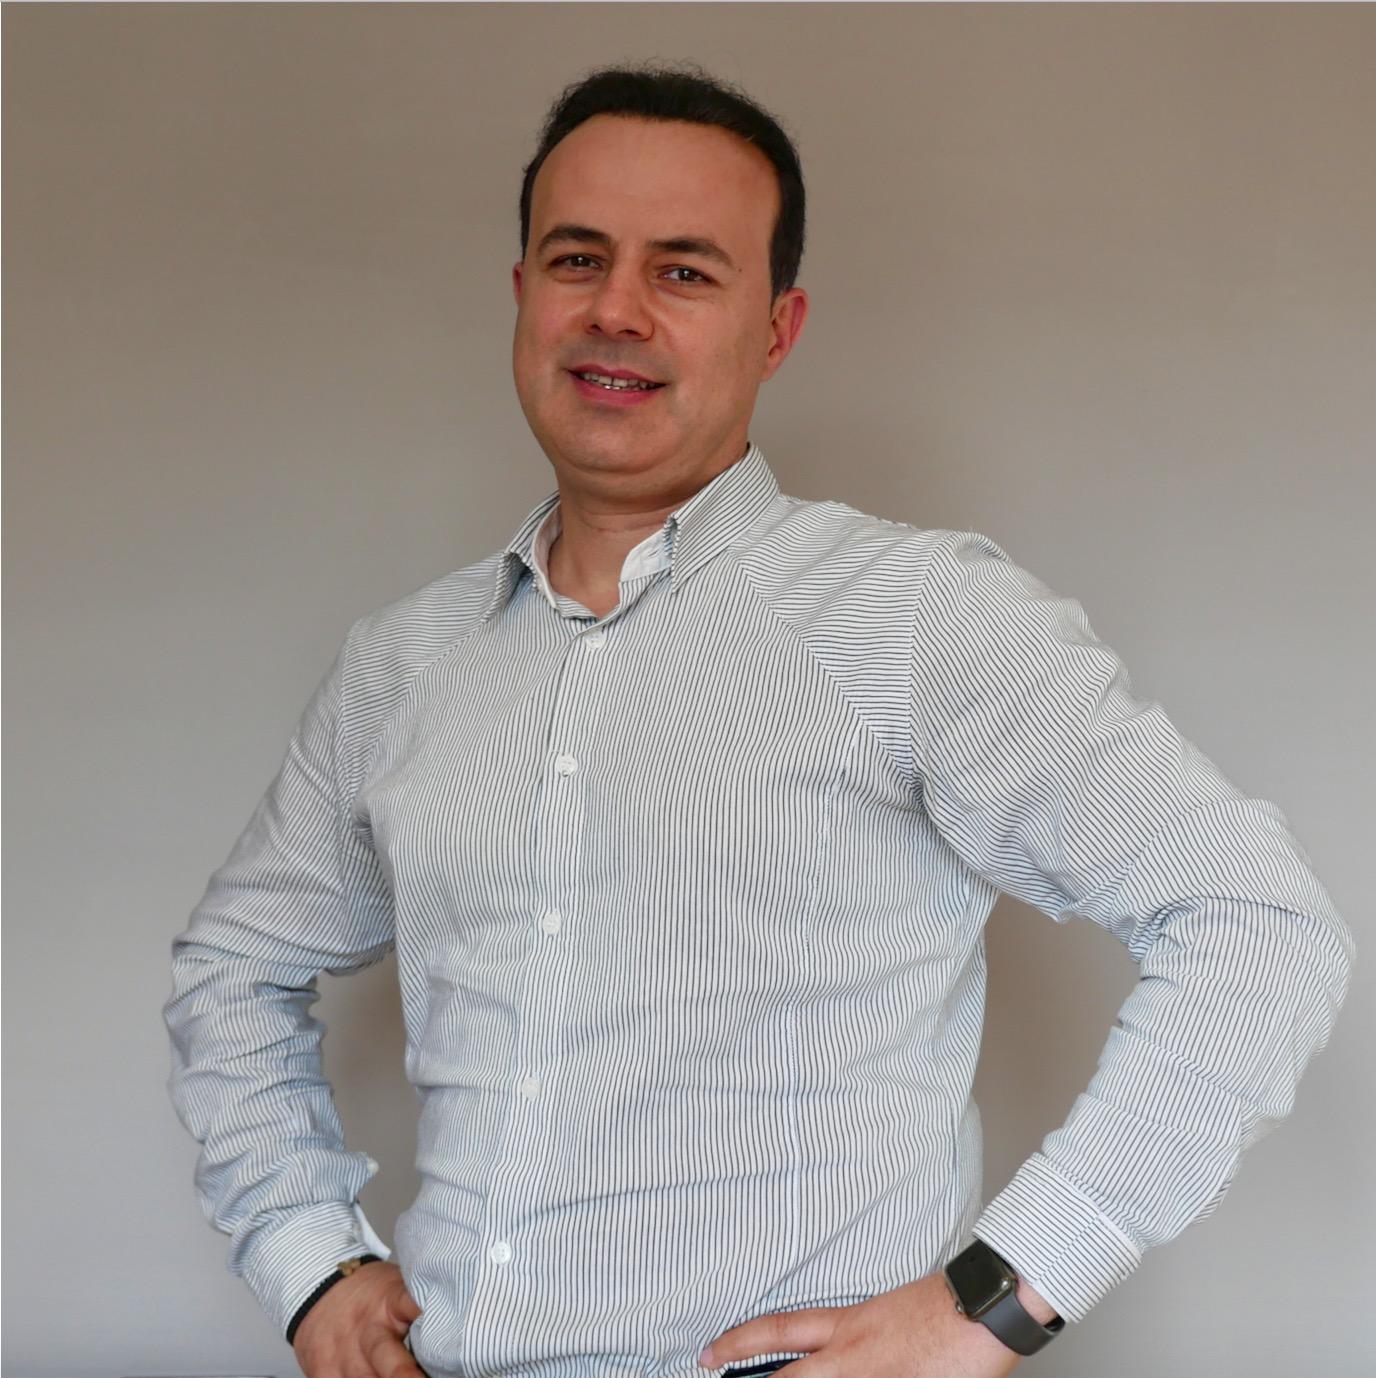 Alberto Mennella